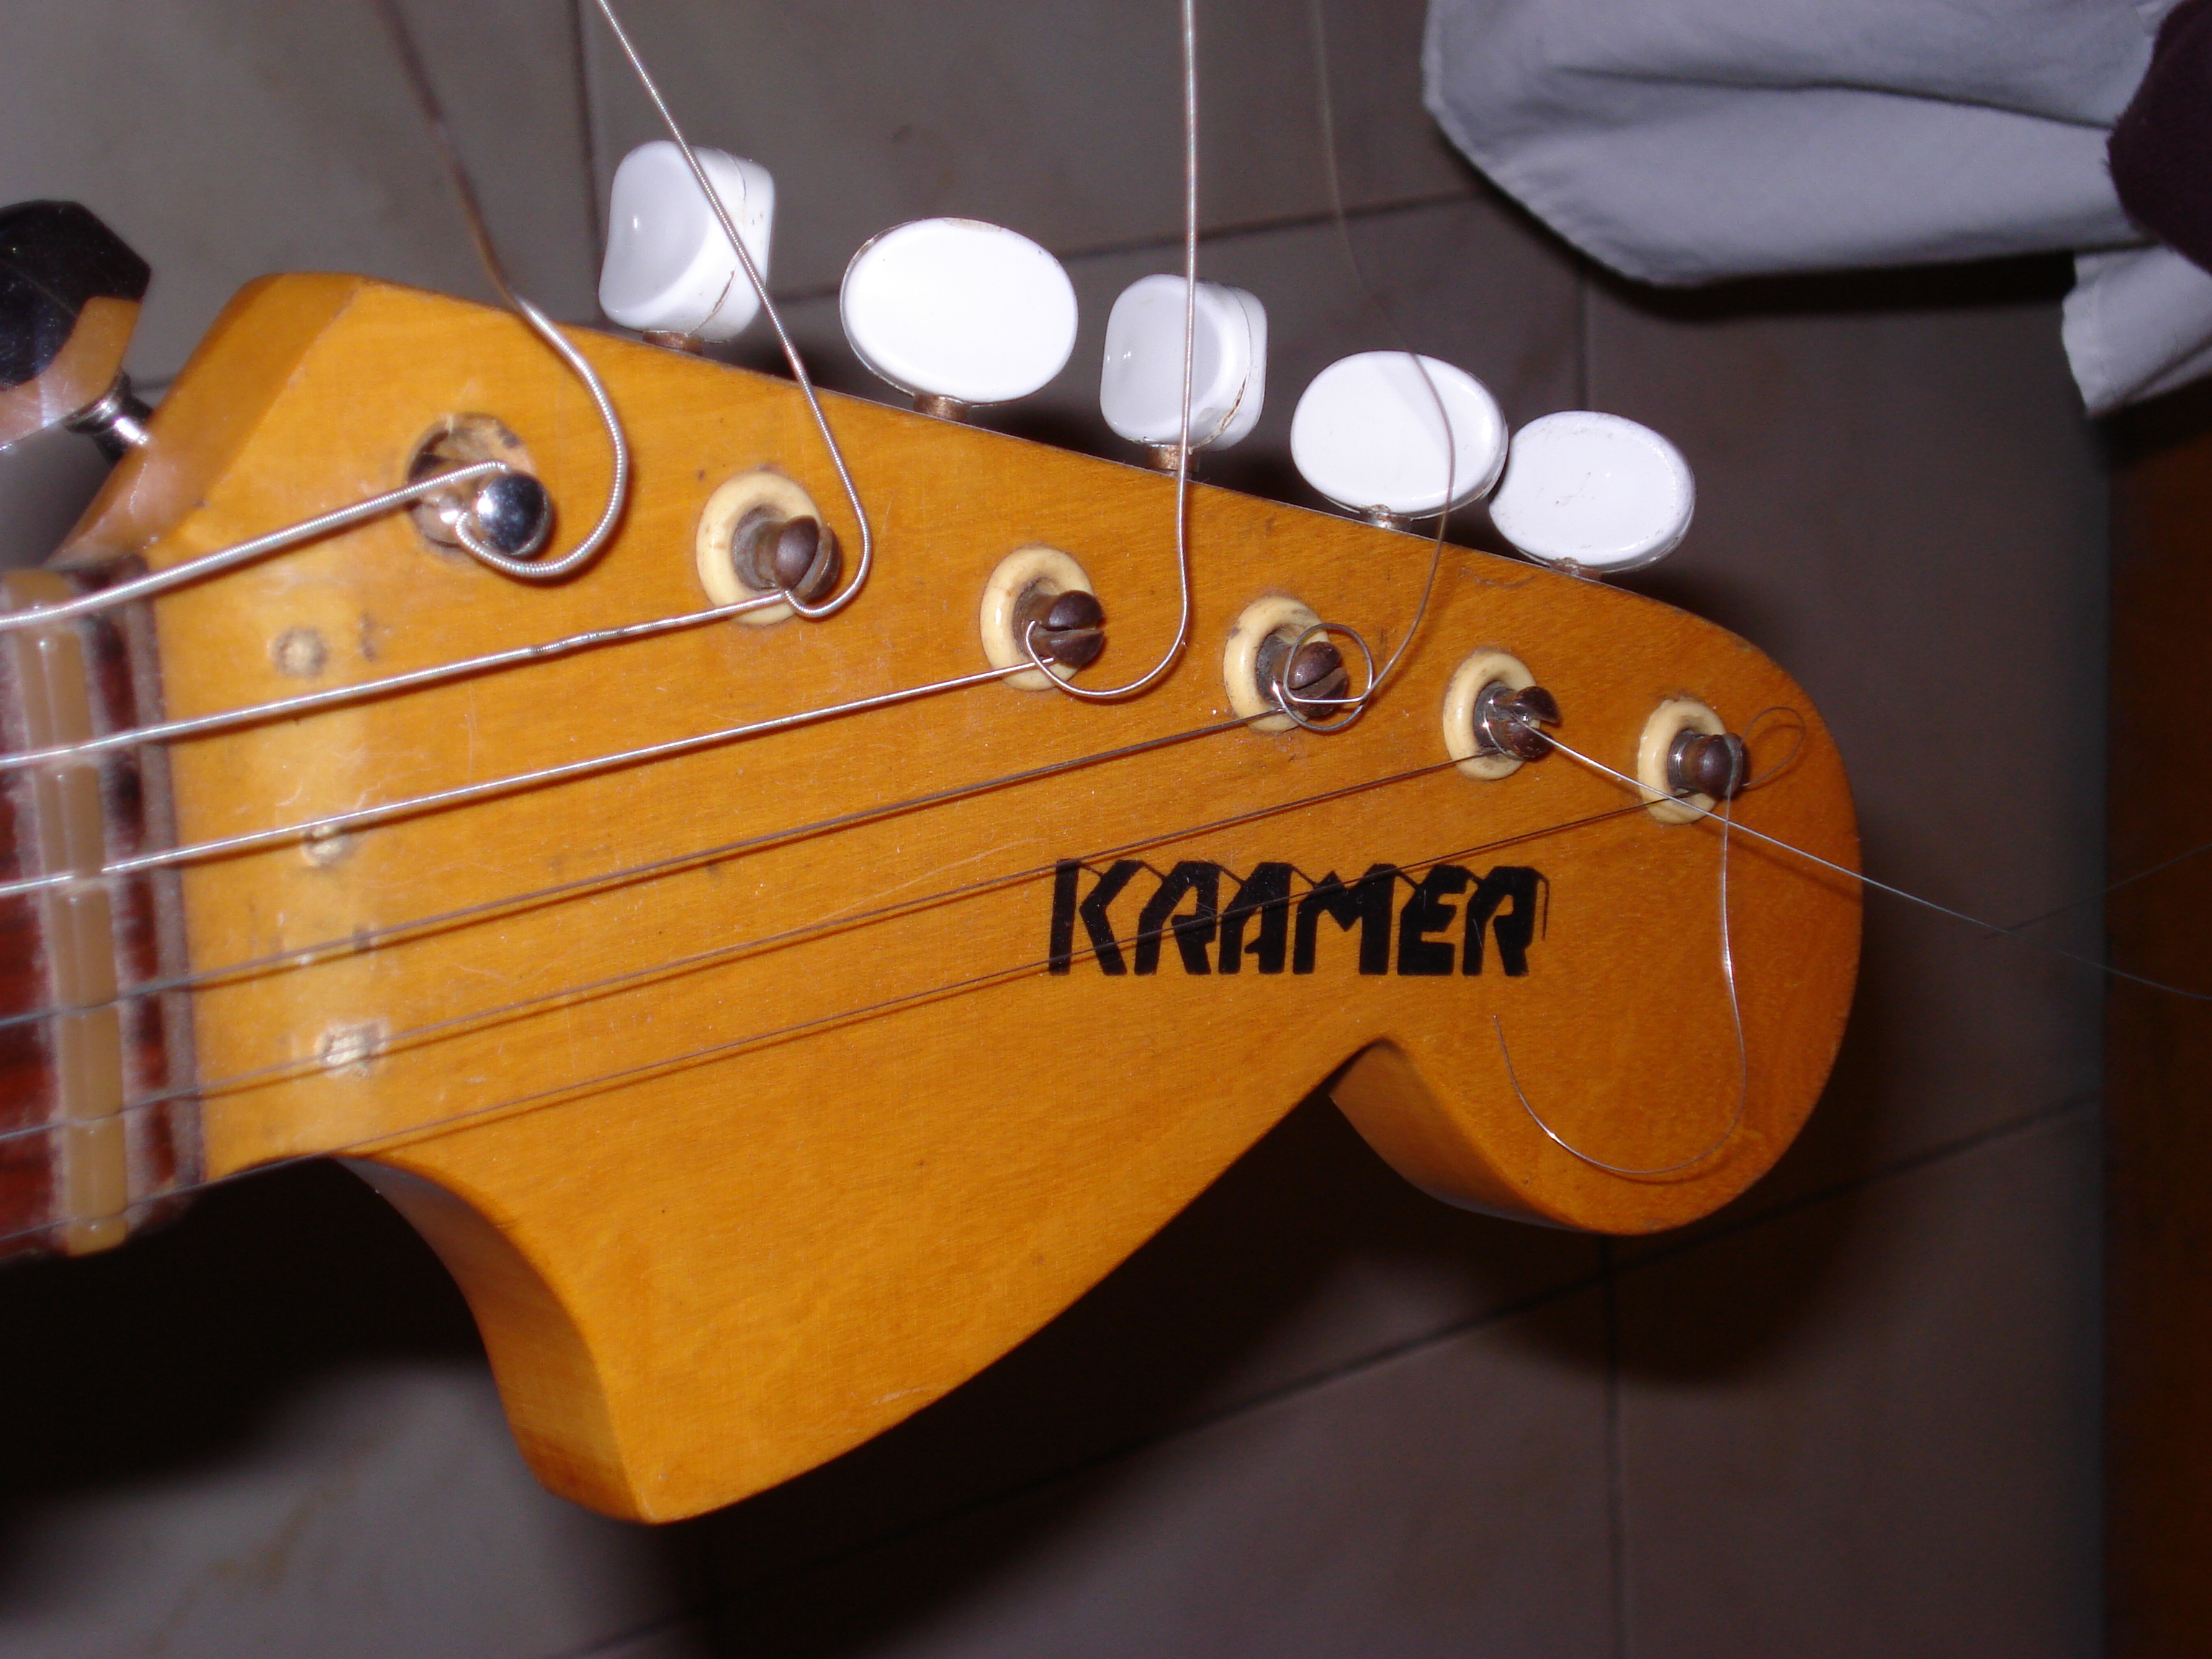 Fotos de Guitarras y Bajos de Gente comun